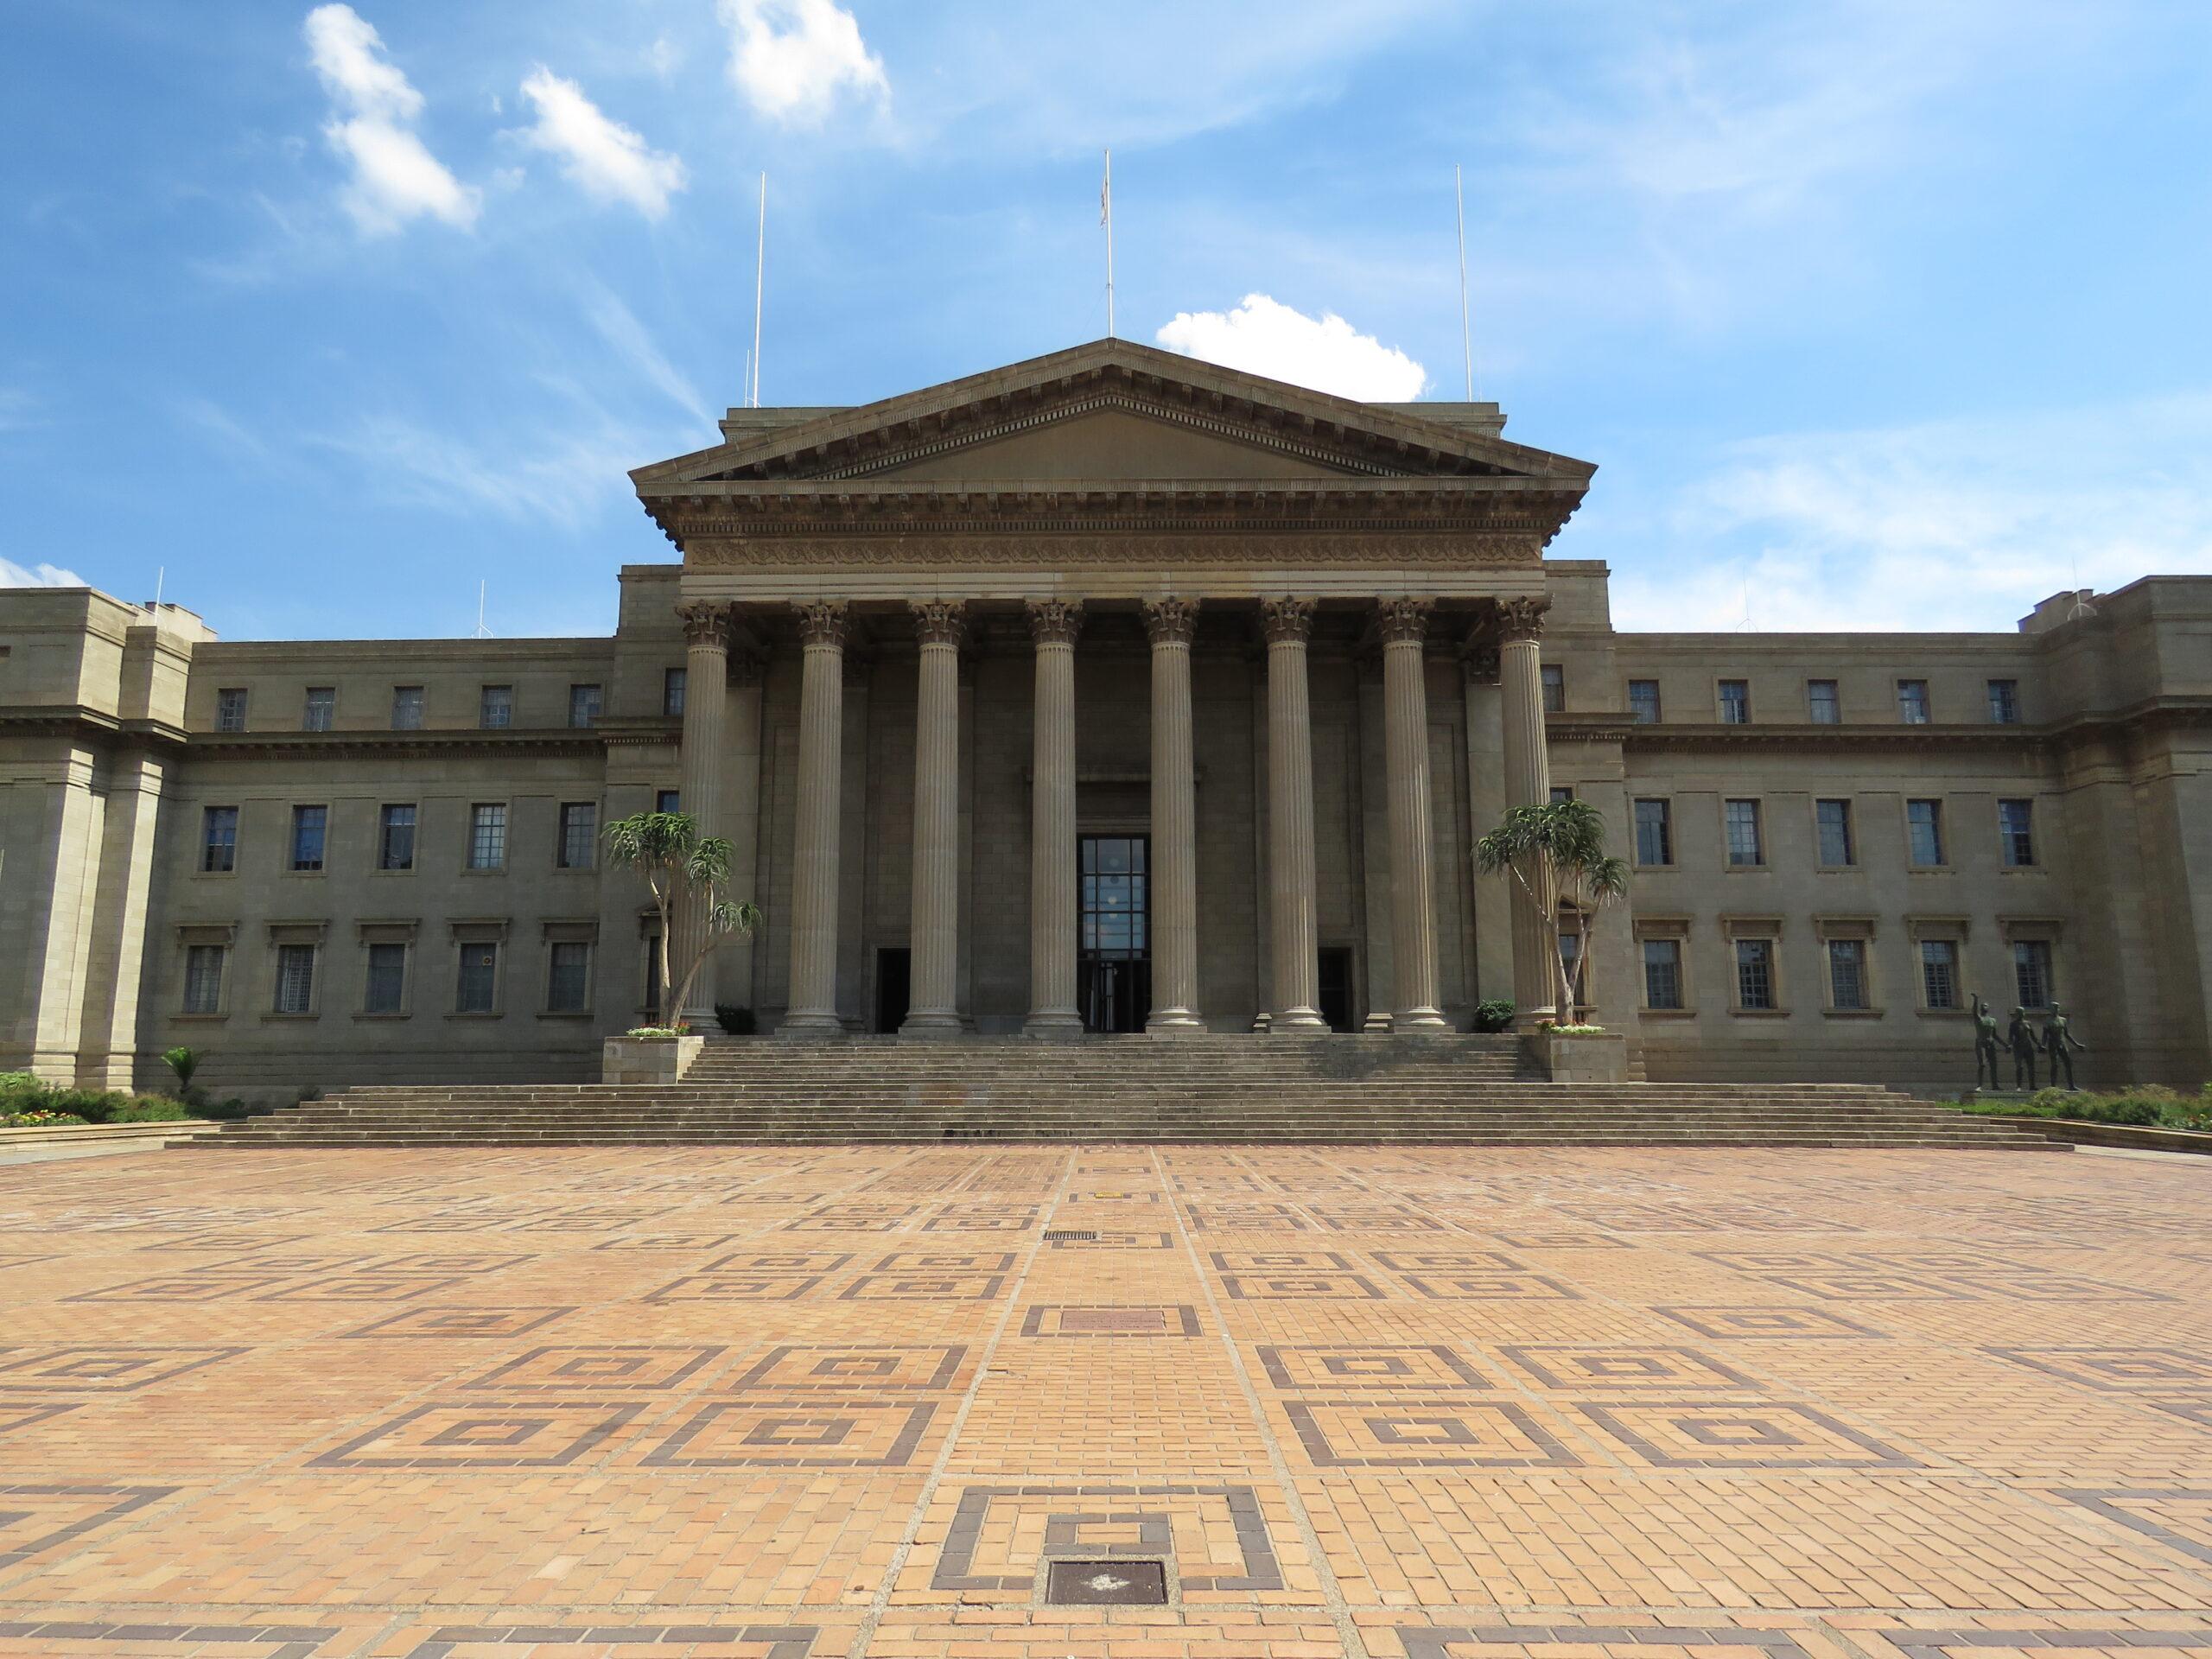 melhores-universidades-da-africa-universidade-de-pretoria-universidade-de-Witwatersrand